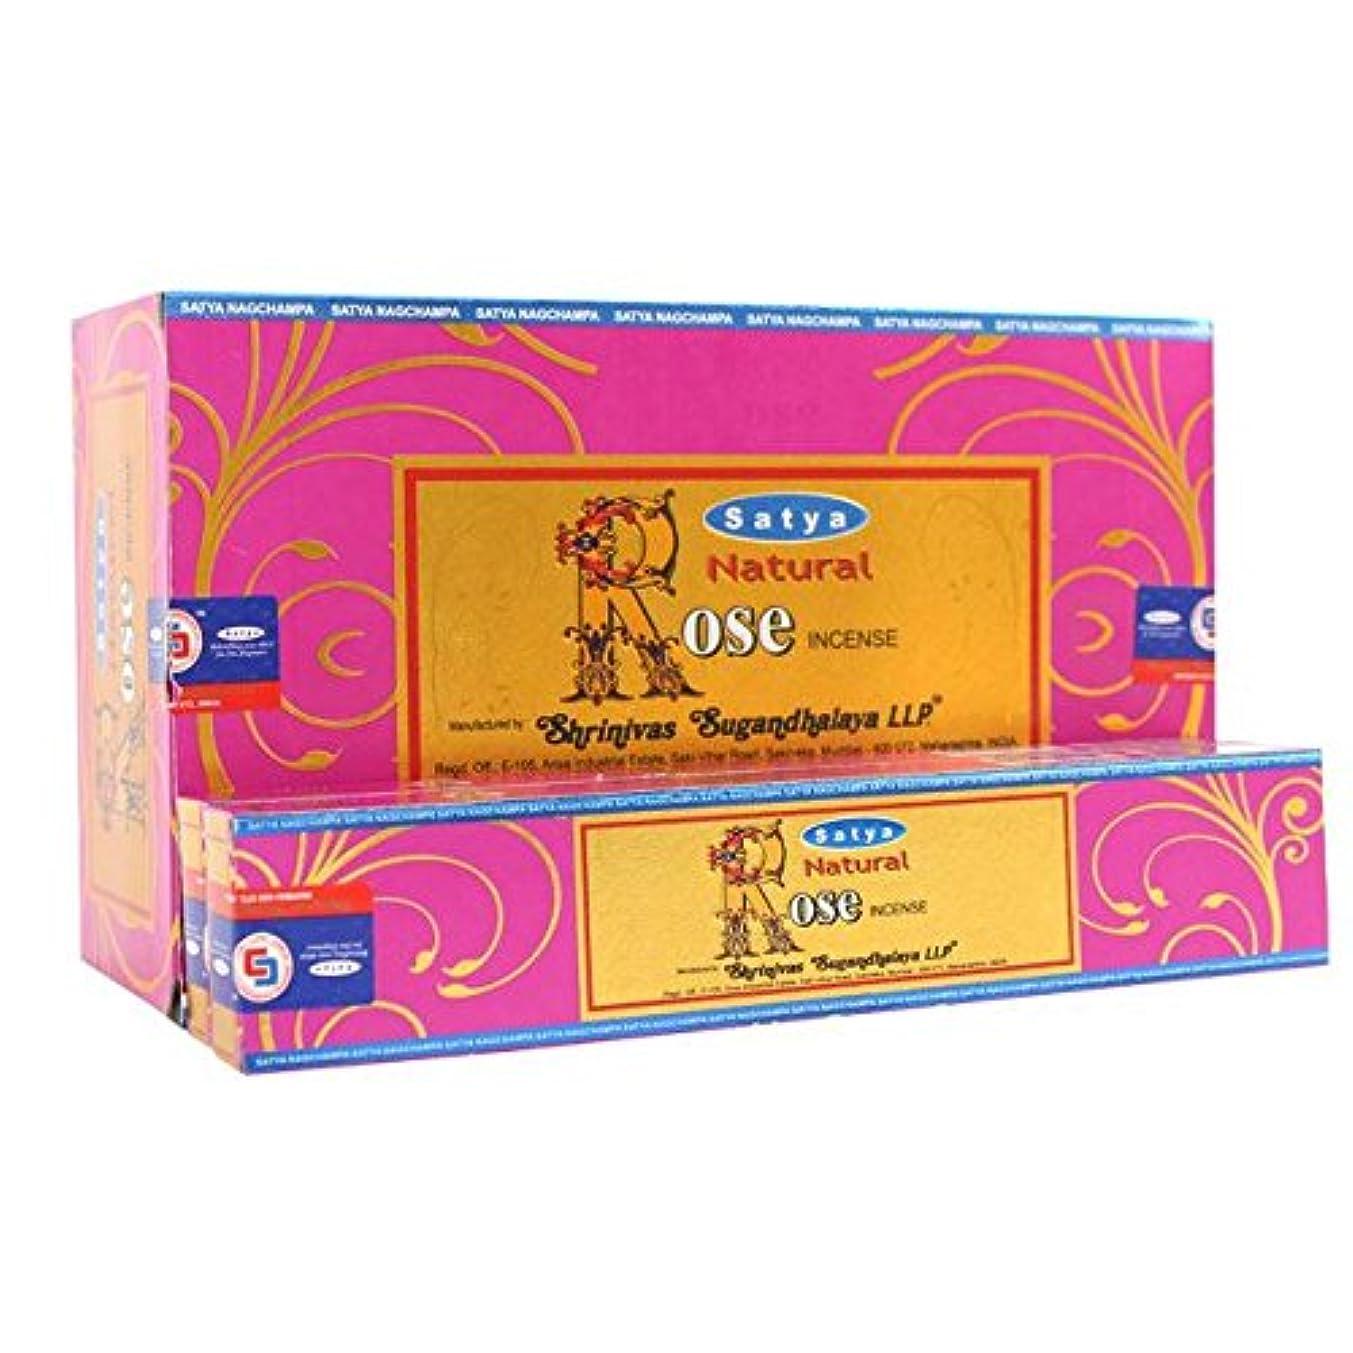 ブリードレッスンメモBox Of 12 Packs Of Natural Rose Incense Sticks By Satya